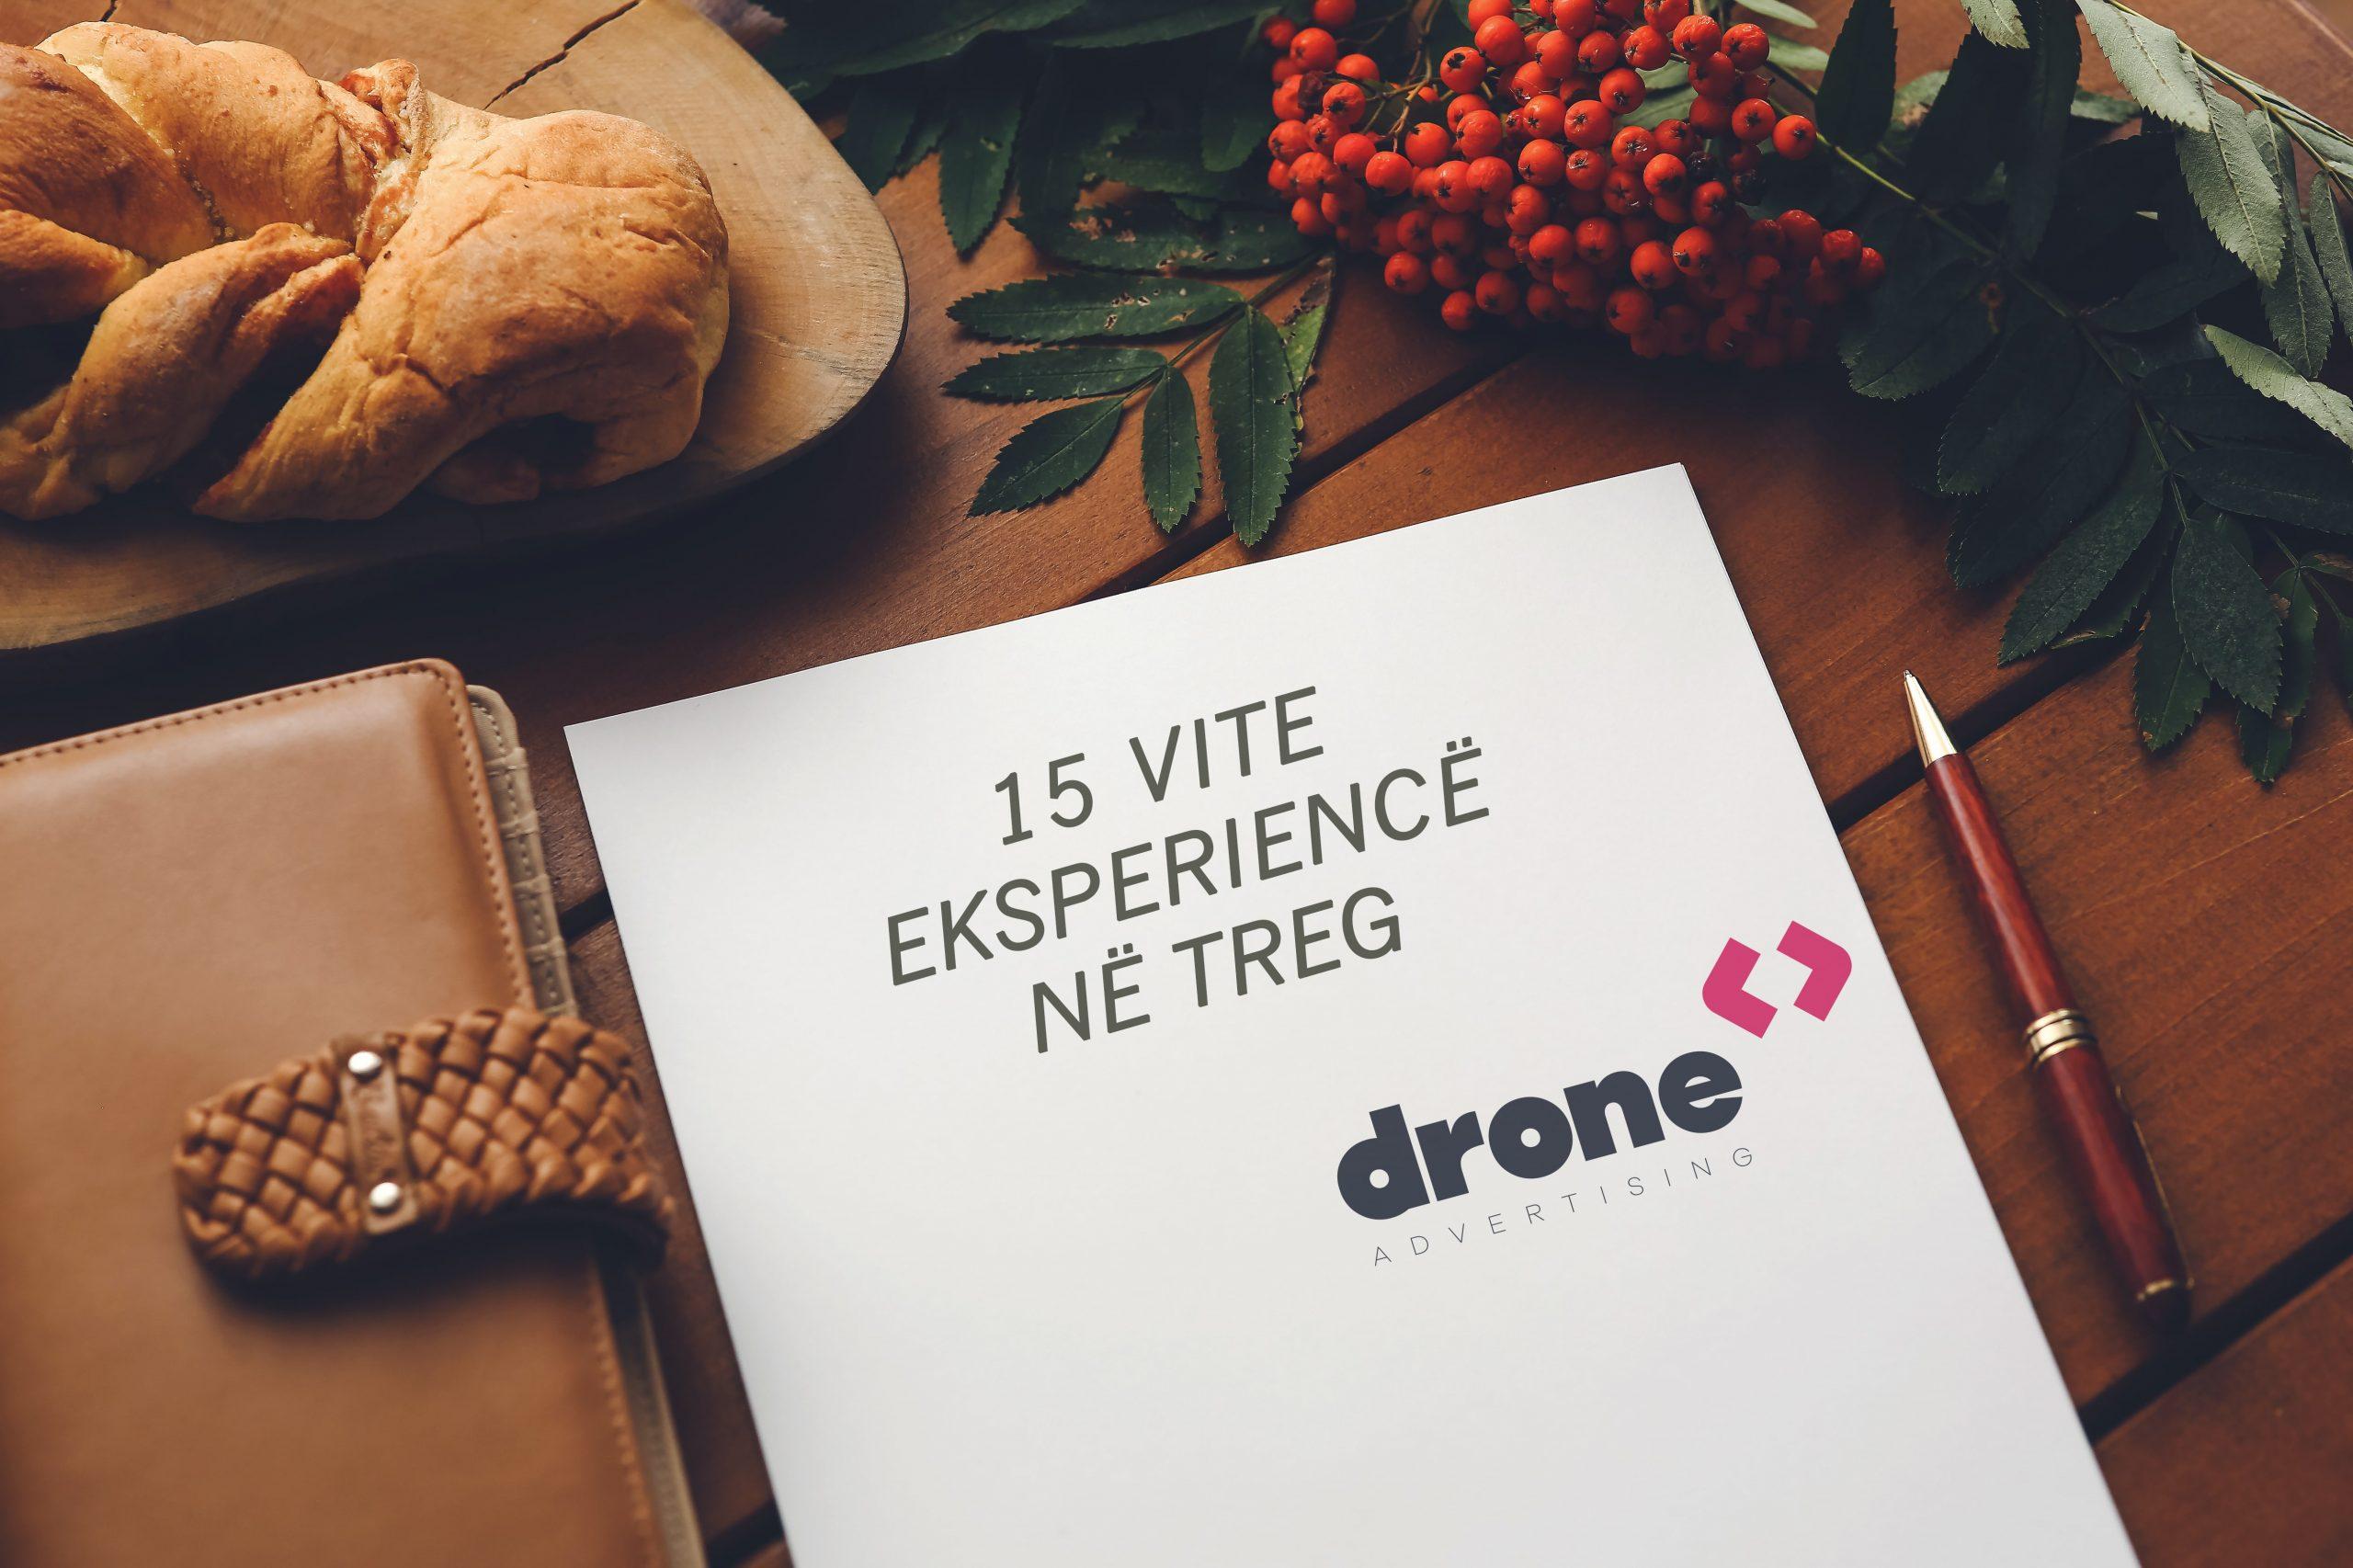 historiku i drone